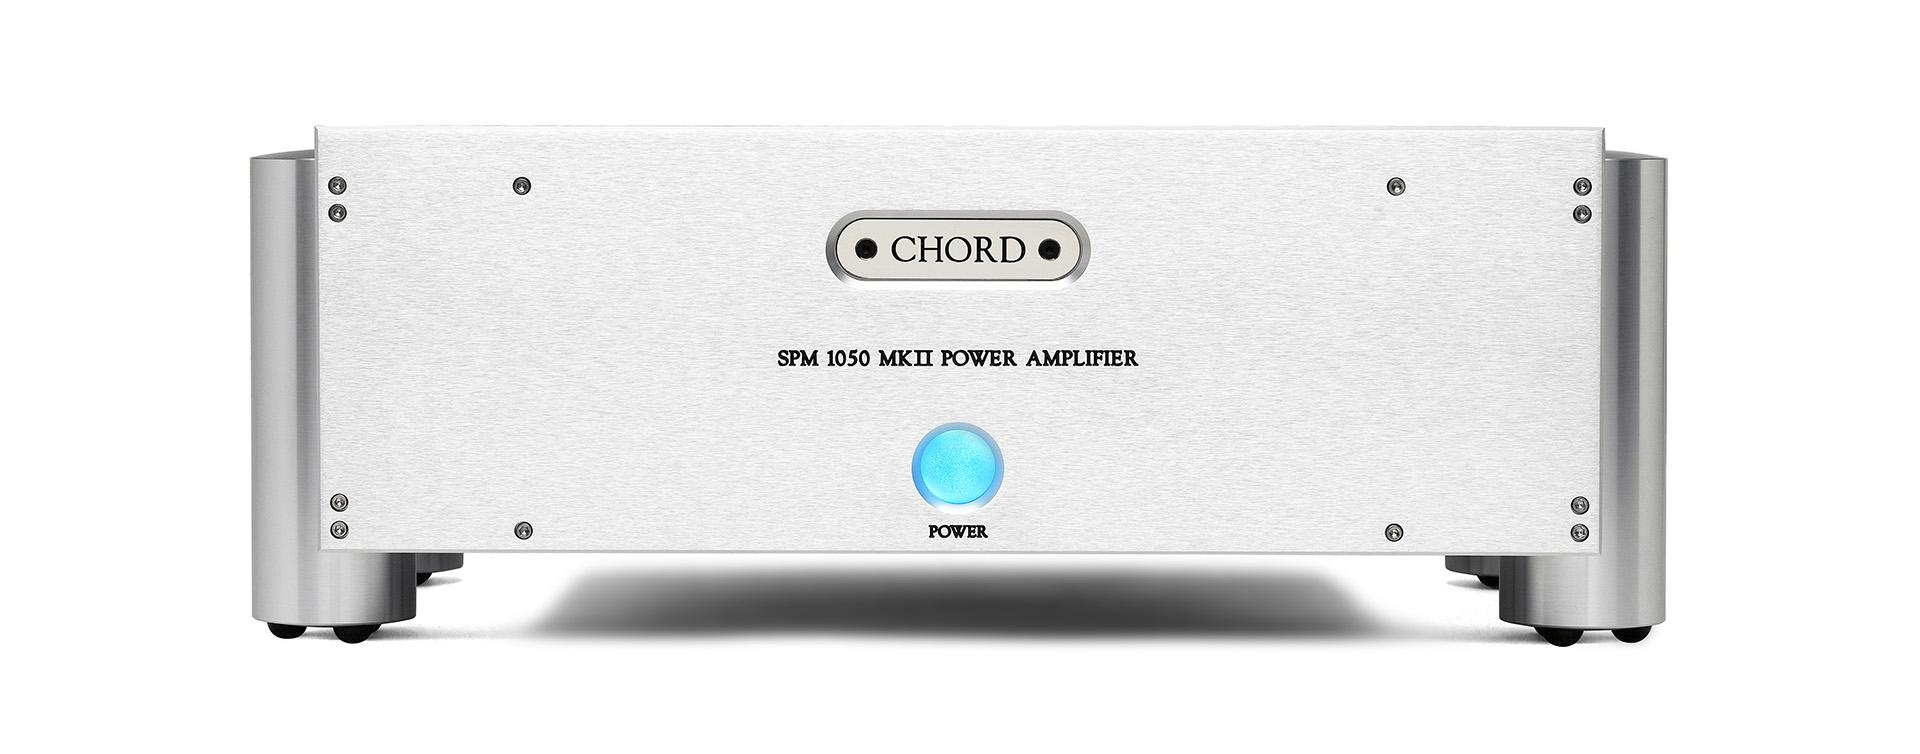 Chord SPM 1050 Mk. II - X-Fi